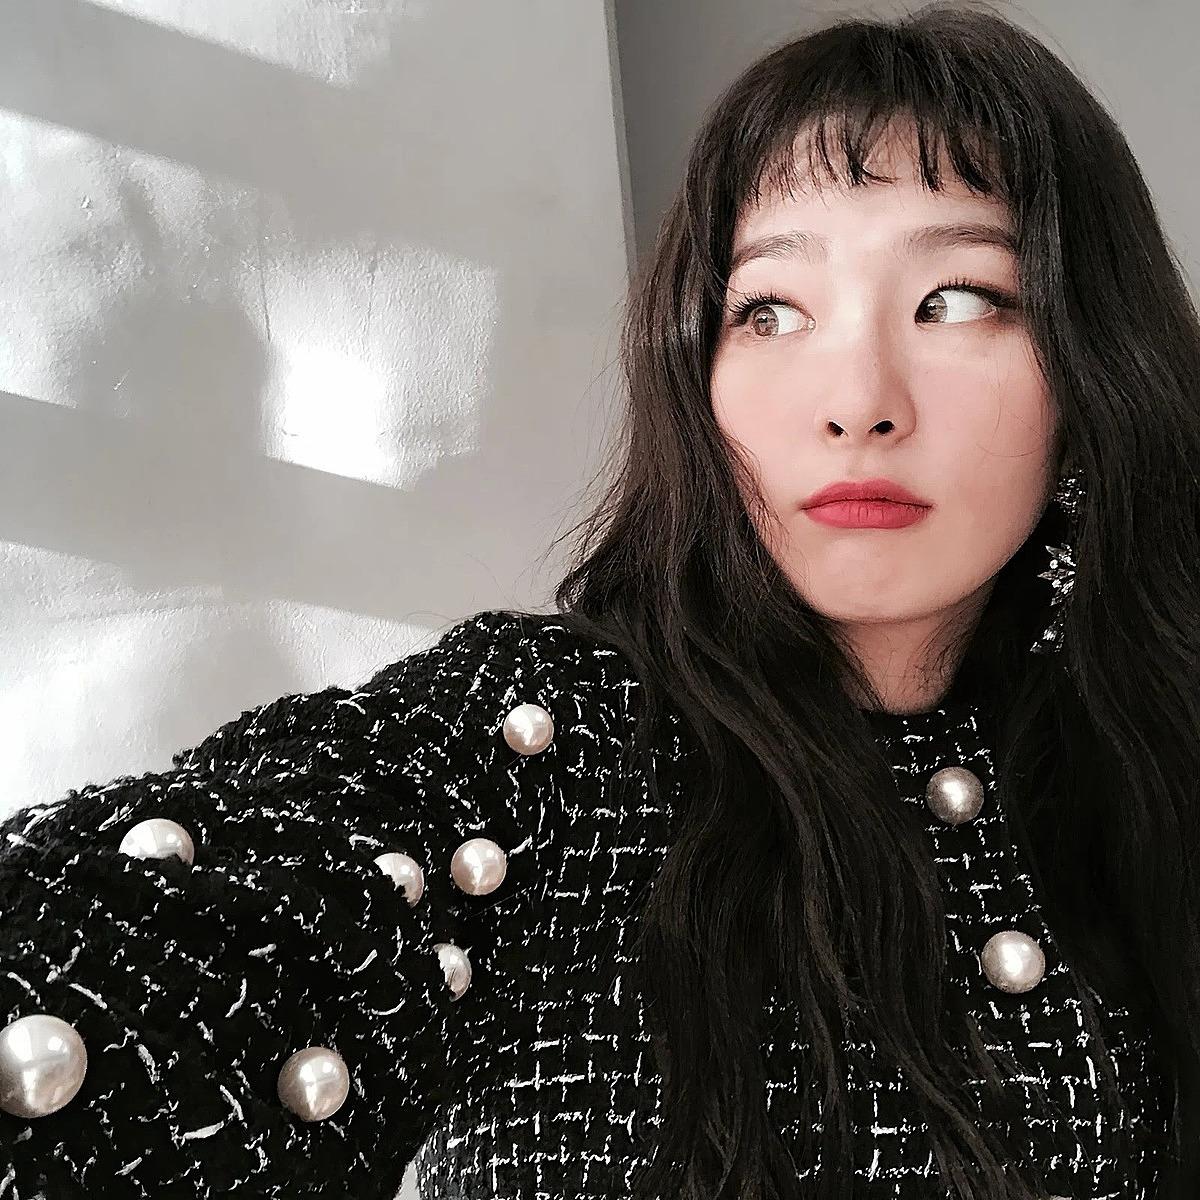 Tóc mái ngắn ngủn ngang trán tuy kén mặt nhưng vẫn được nhiều idol yêu thích vì mang đến vẻ đẹp cá tính khác biệt. Đây là kiểu tóc làm nên thương hiệu cho nhiều ngôi sao như Seul Gi, Tae Yeon...